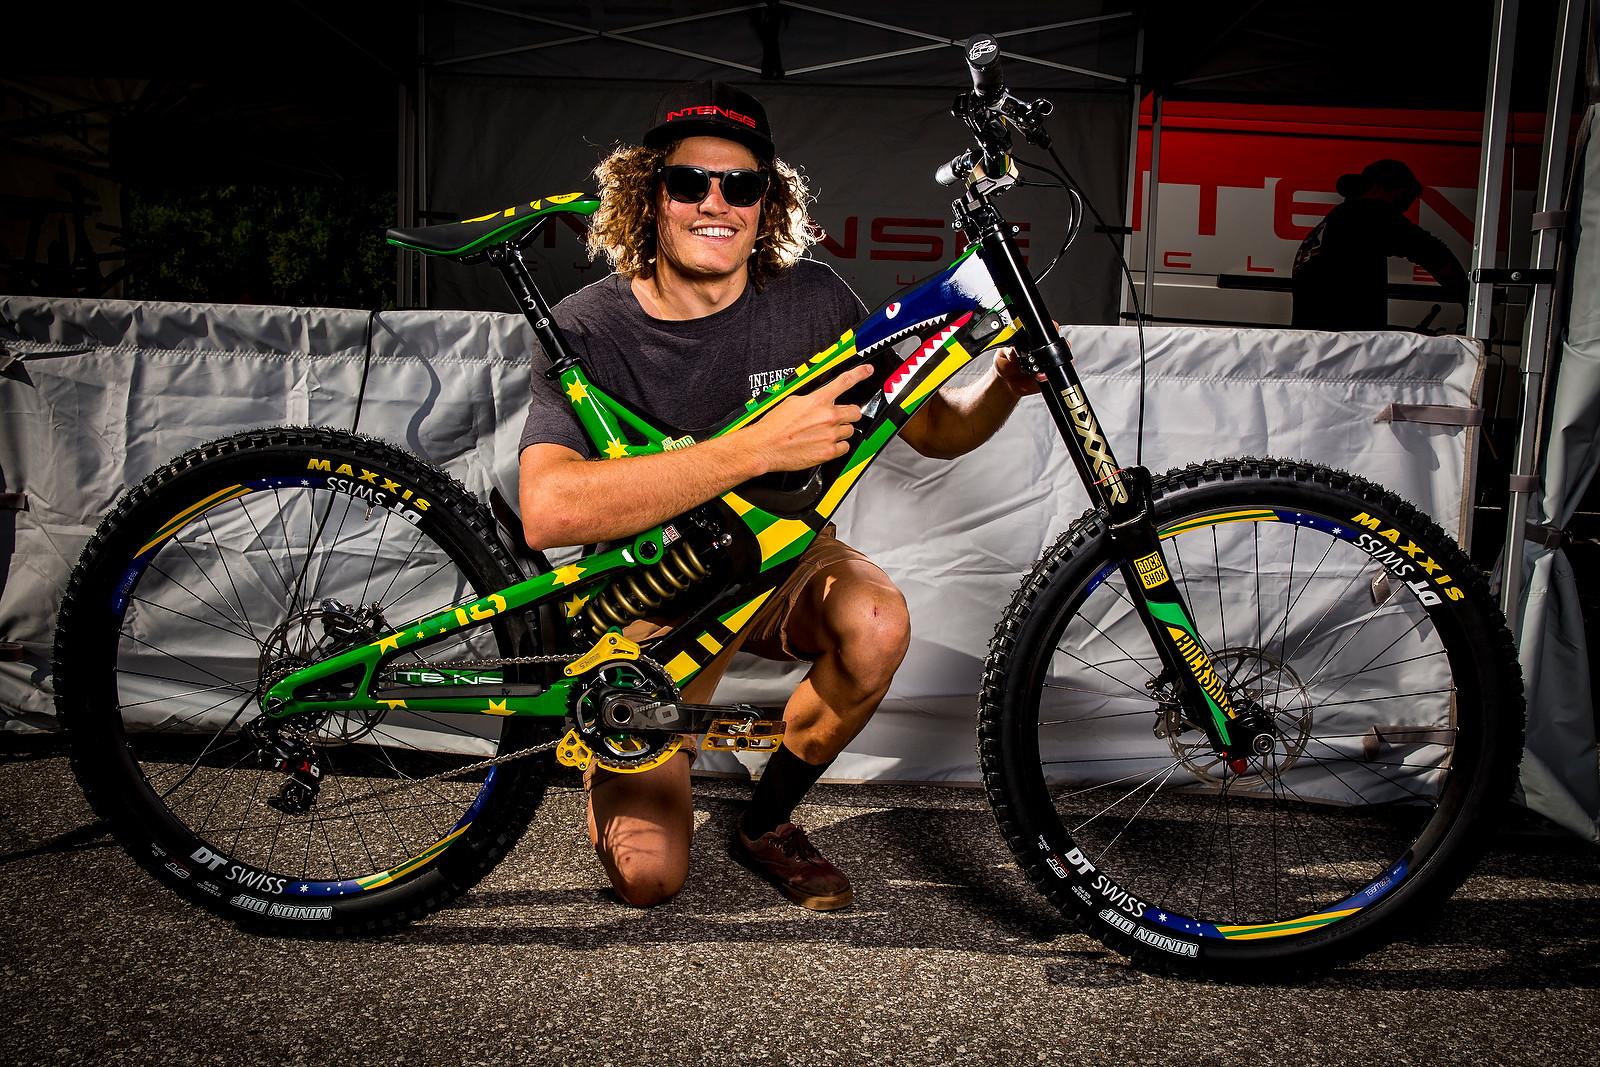 Jack Moir's Intense M16c | 2016 World Champs Bike - PIT BITS & BIKES - 2016 World Champs - Mountain Biking Pictures - Vital MTB